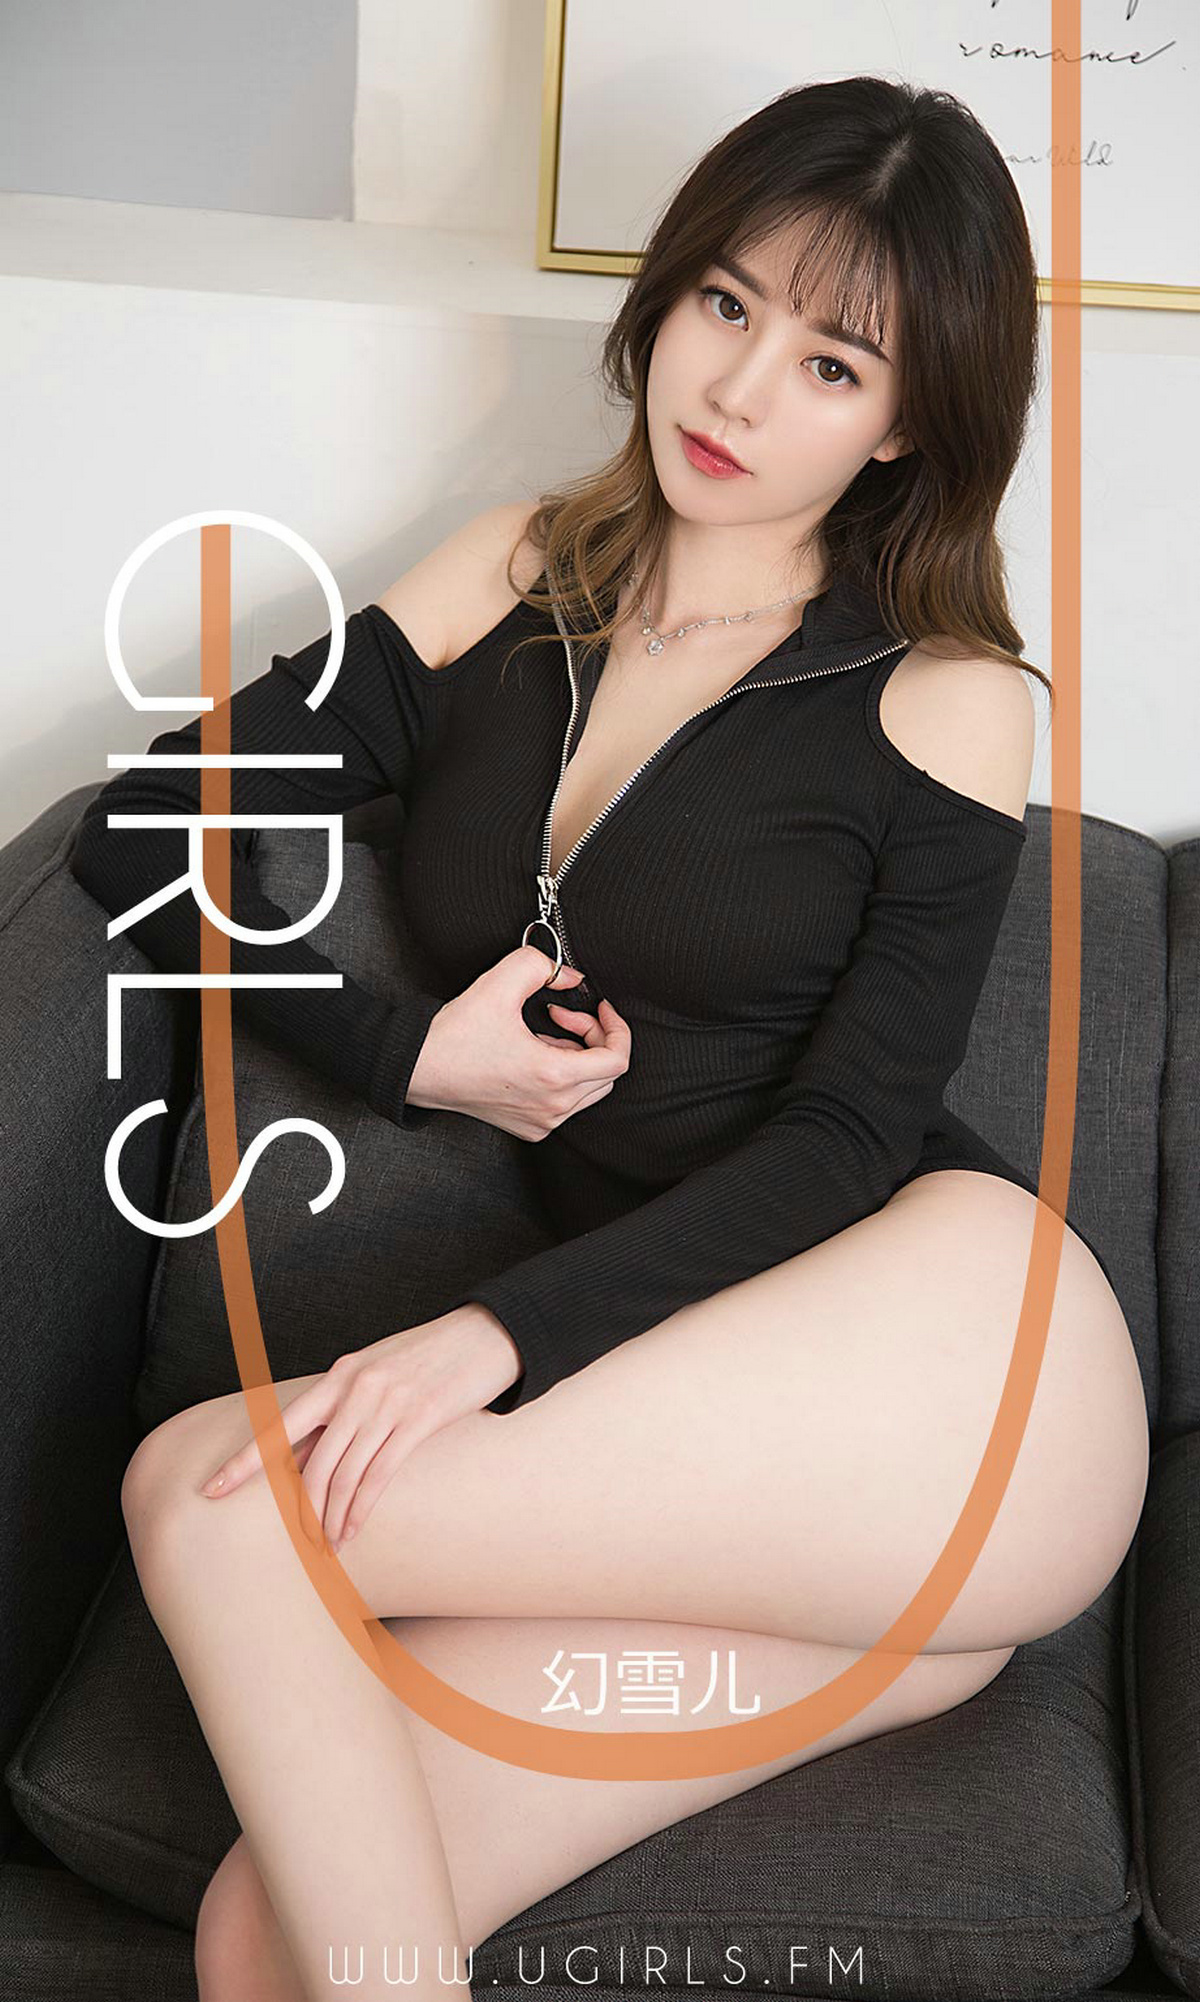 [Ugirls]爱尤物 No.1405 魂牵梦绕 幻雪儿 [